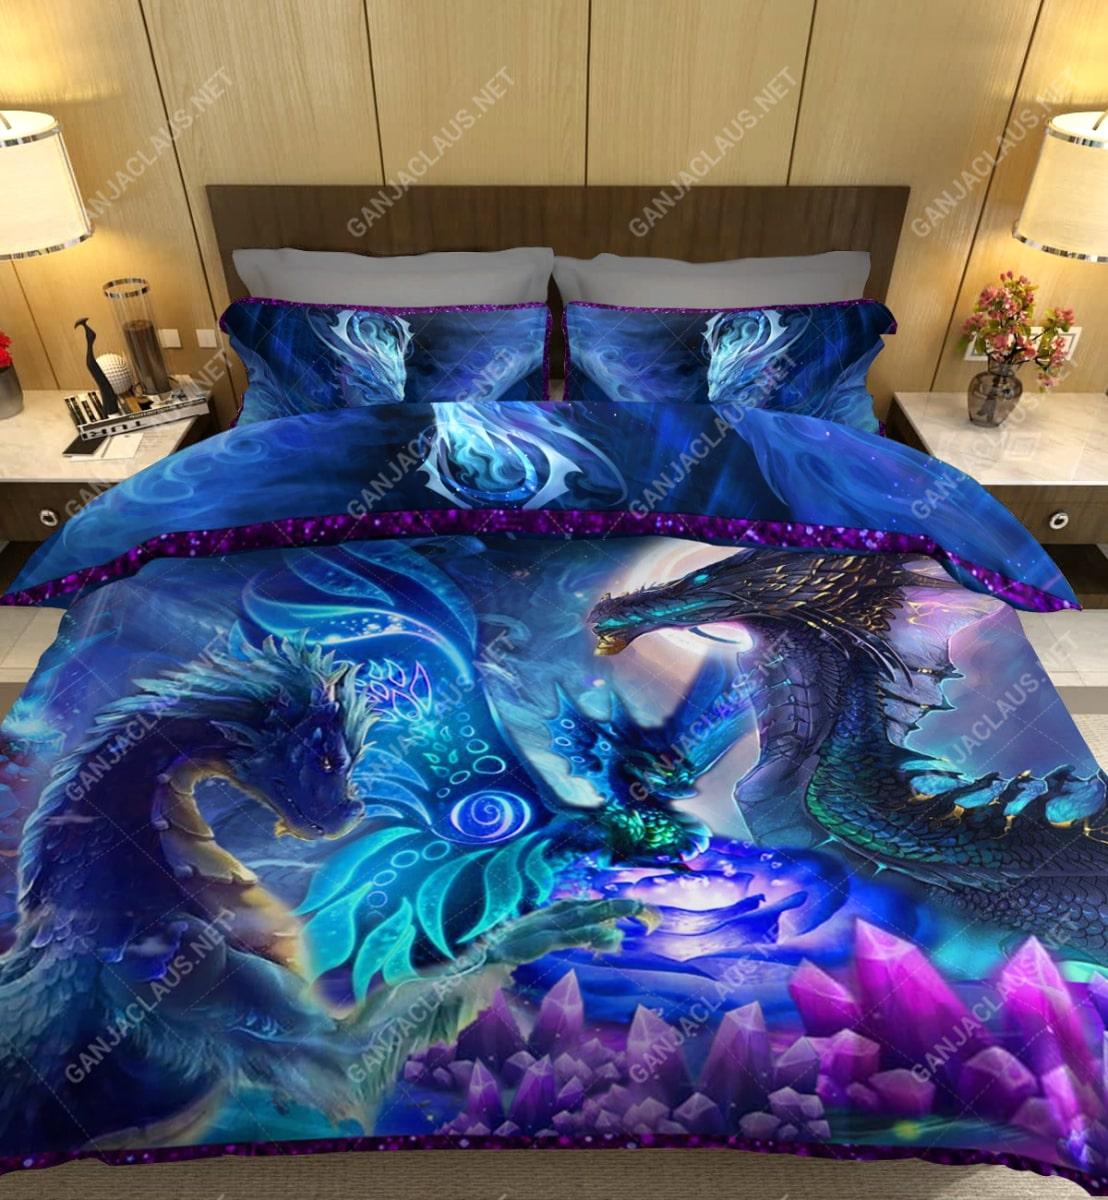 dragon night full printing bedding set 5